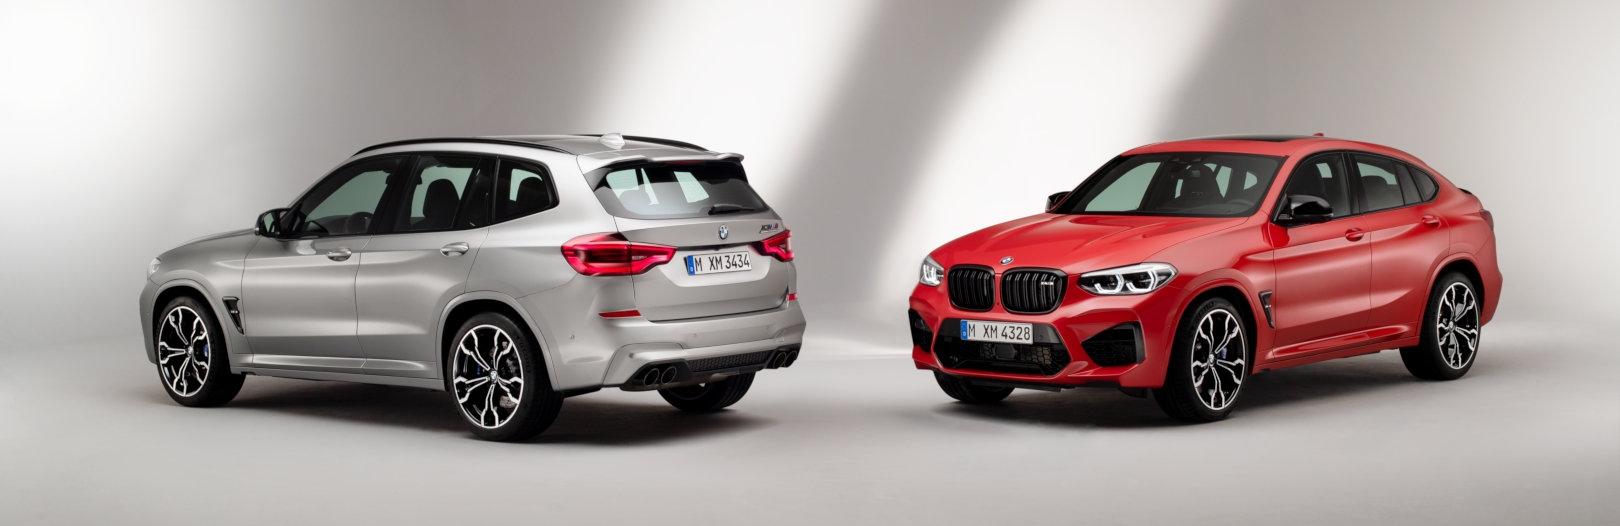 BMW X4 M 2019 69